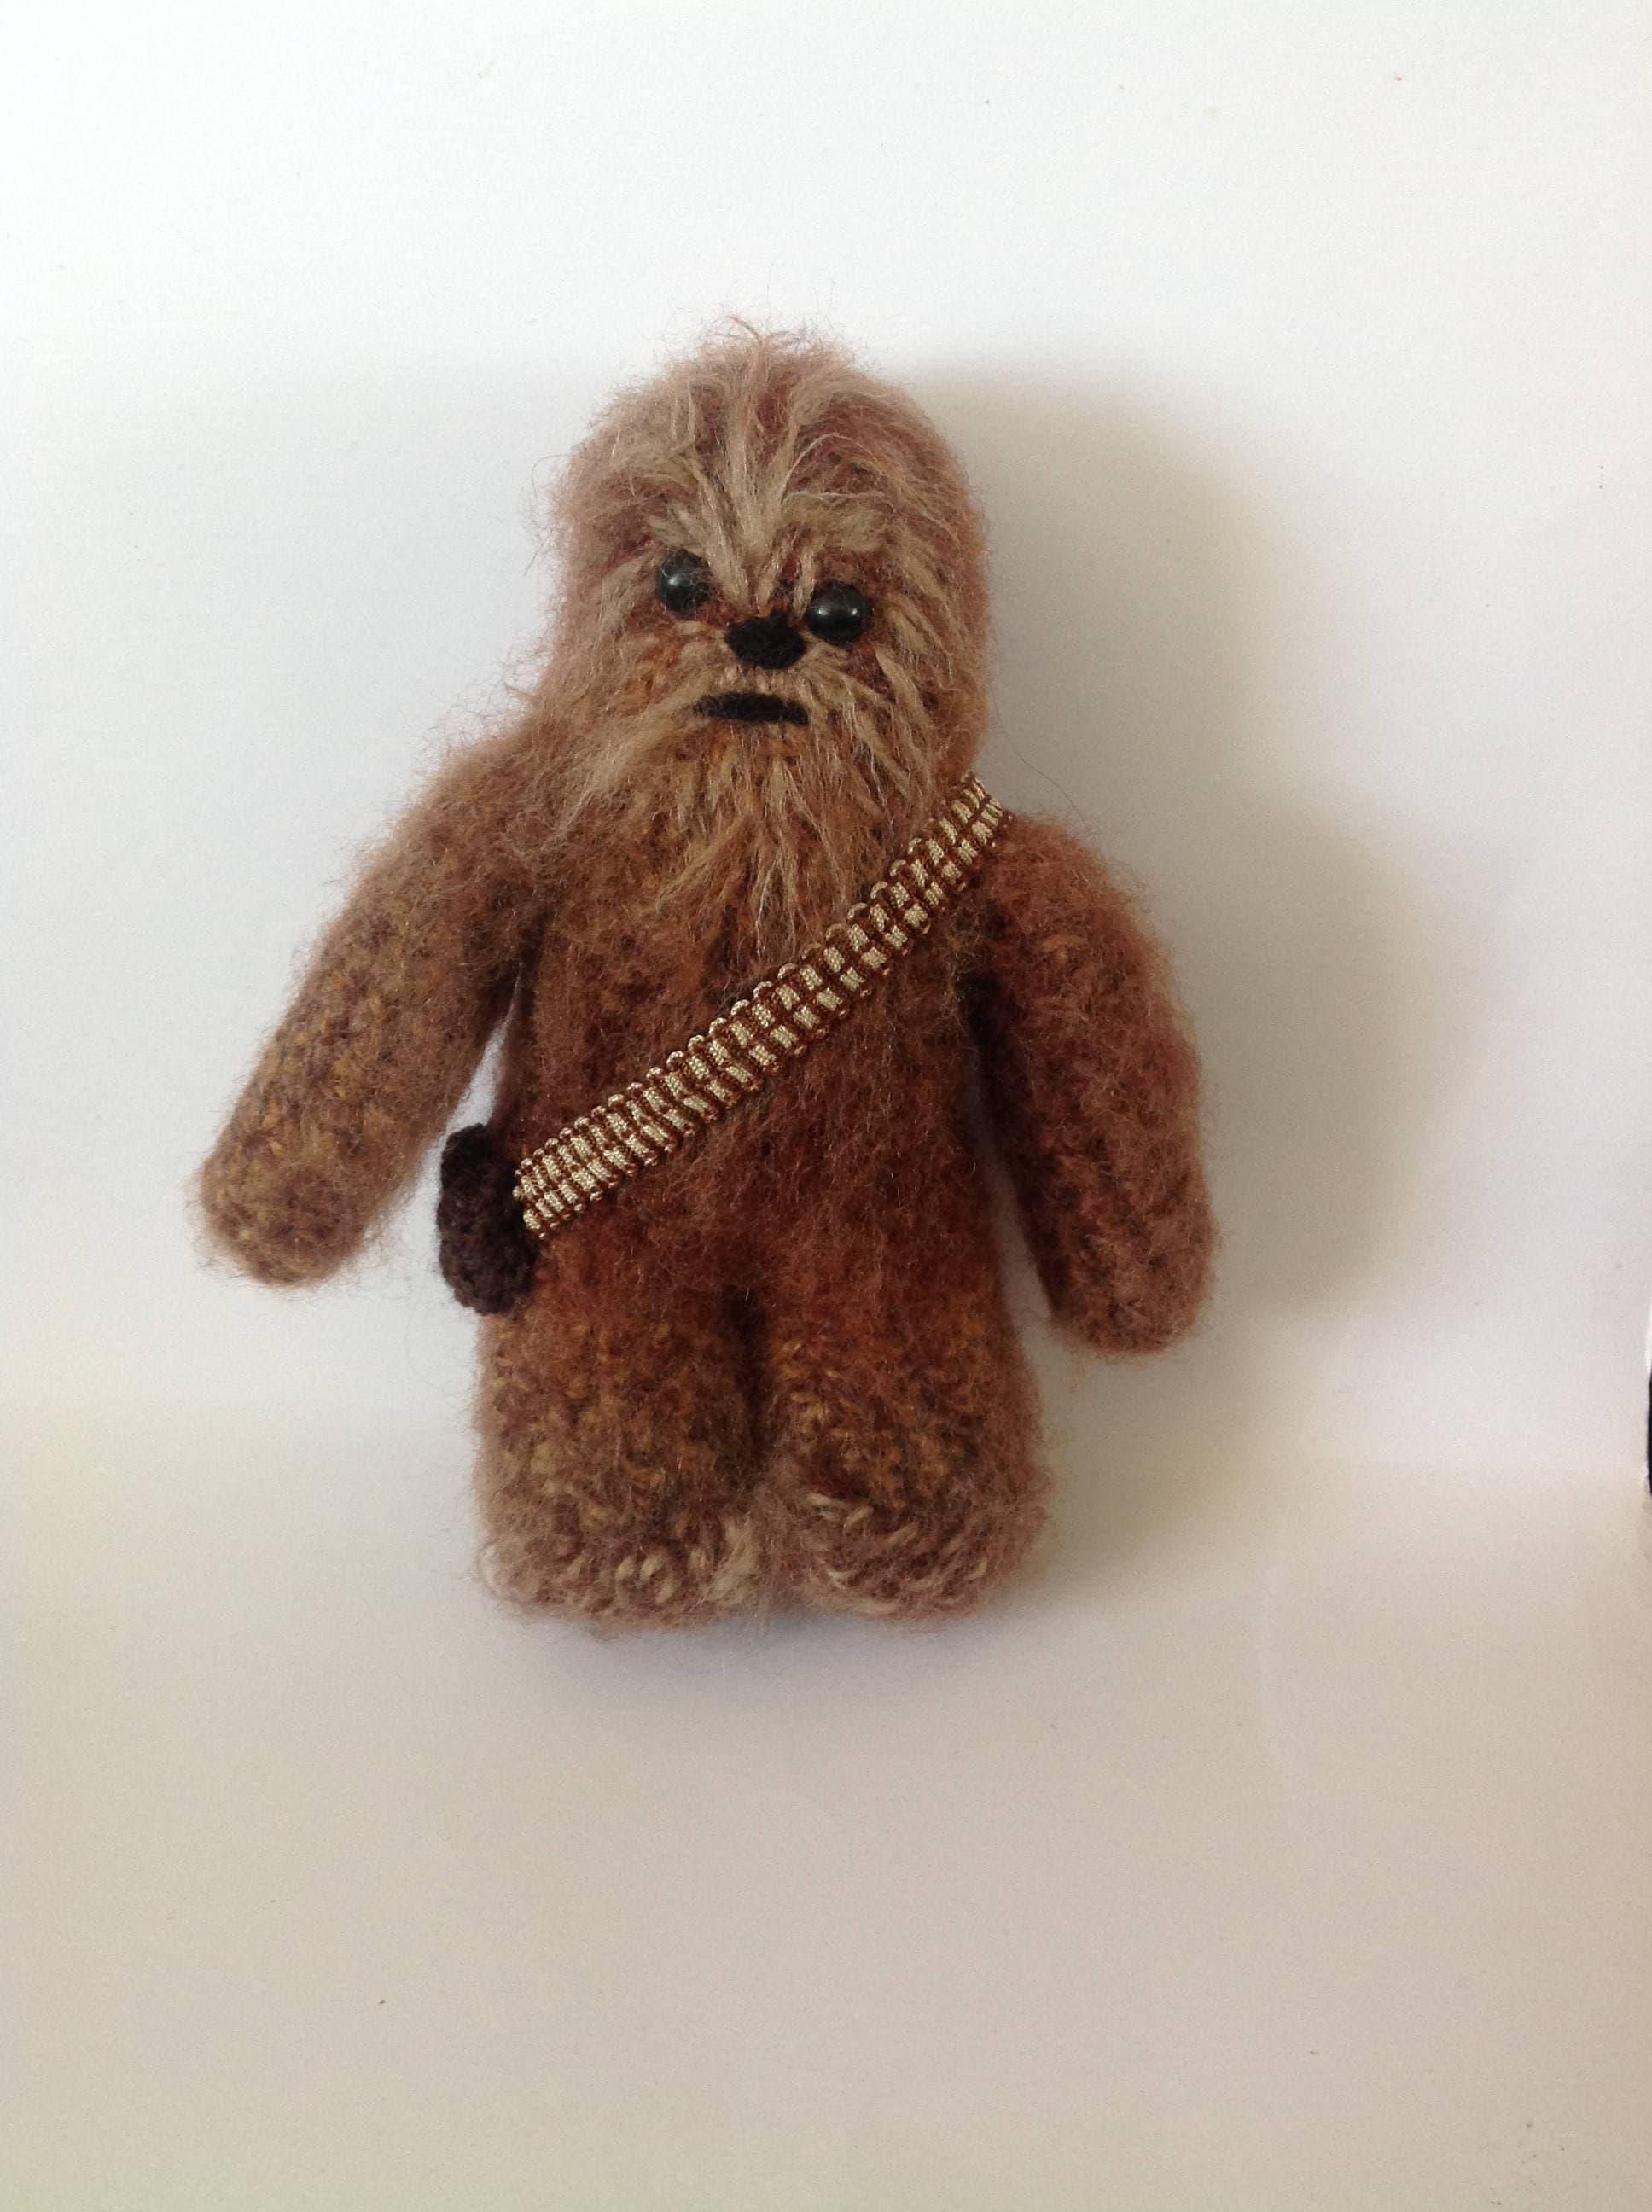 Chewbacca Star Wars inspired crochet character